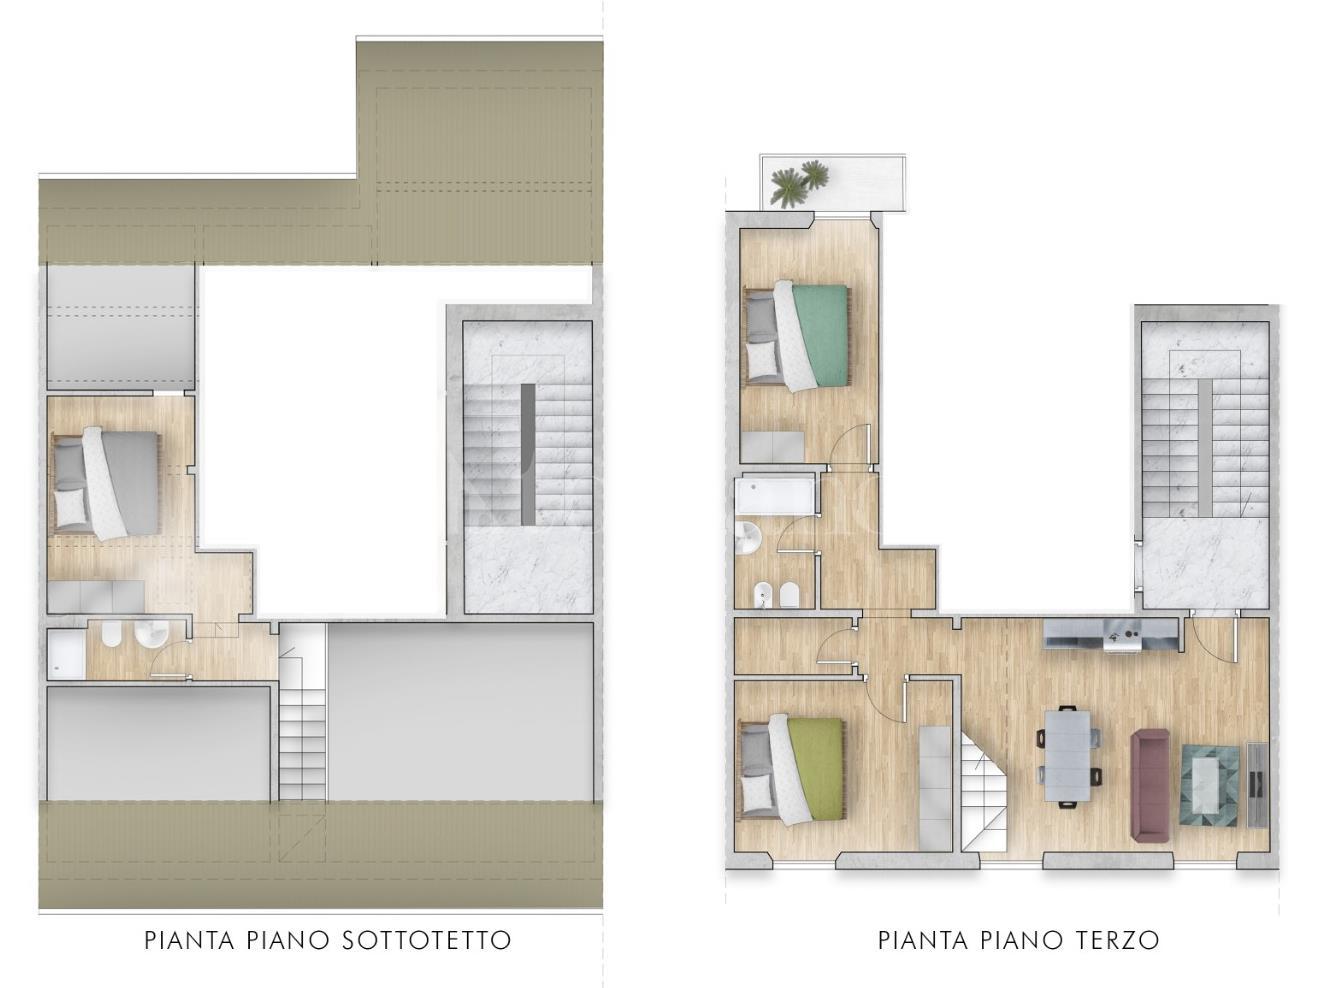 90 mq pianta download by tablet desktop original size - Pianta casa 90 mq ...